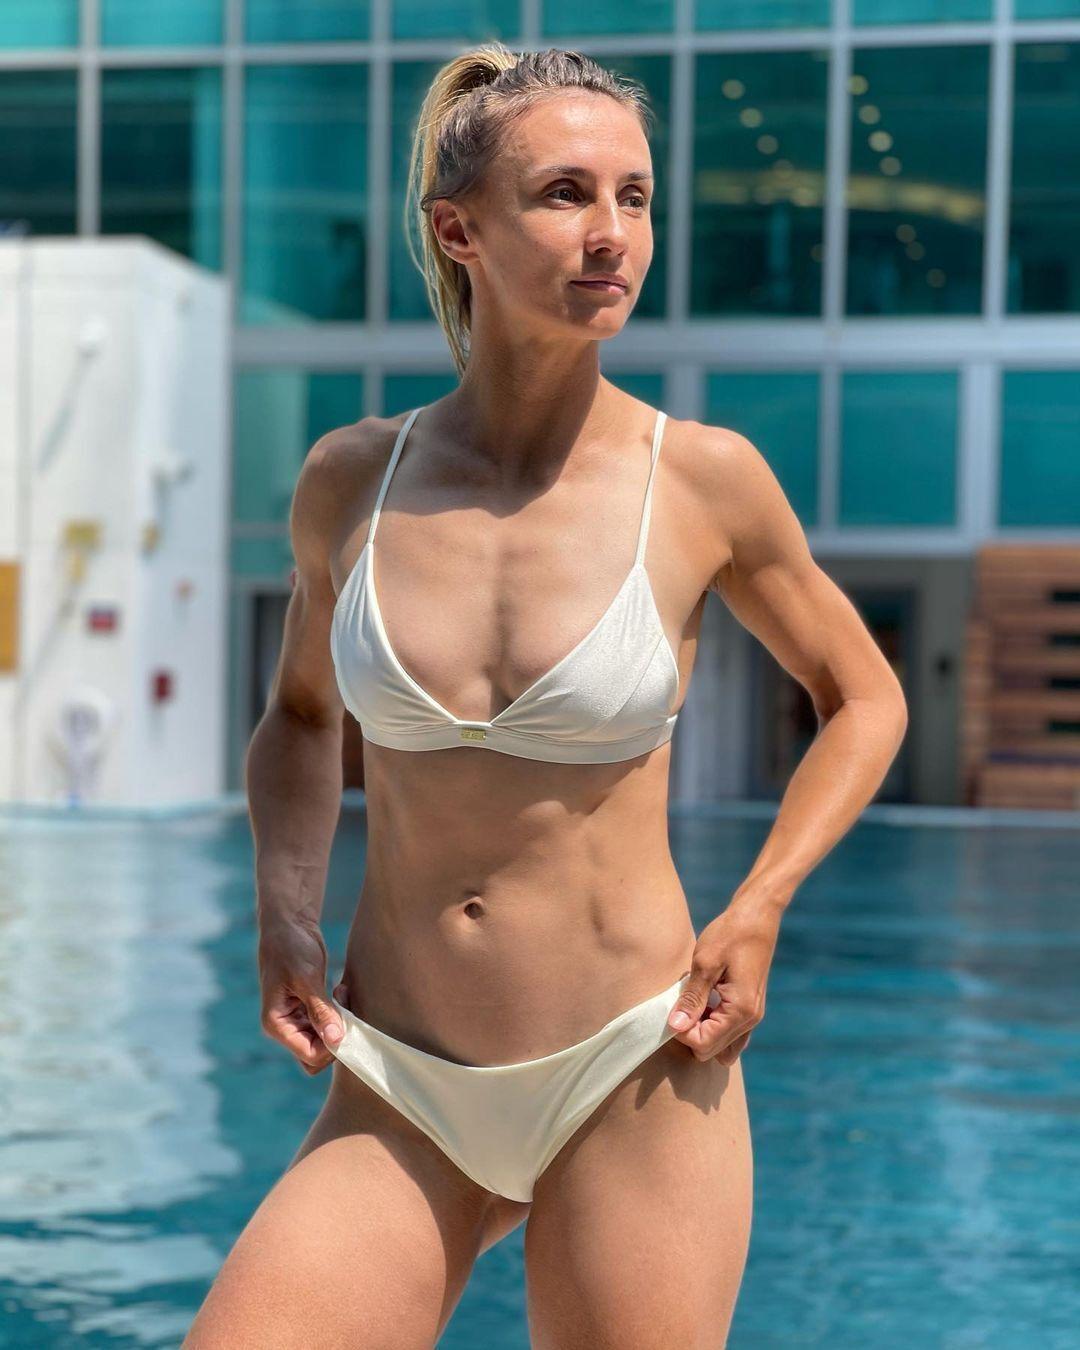 Леся Цуренко в купальнике